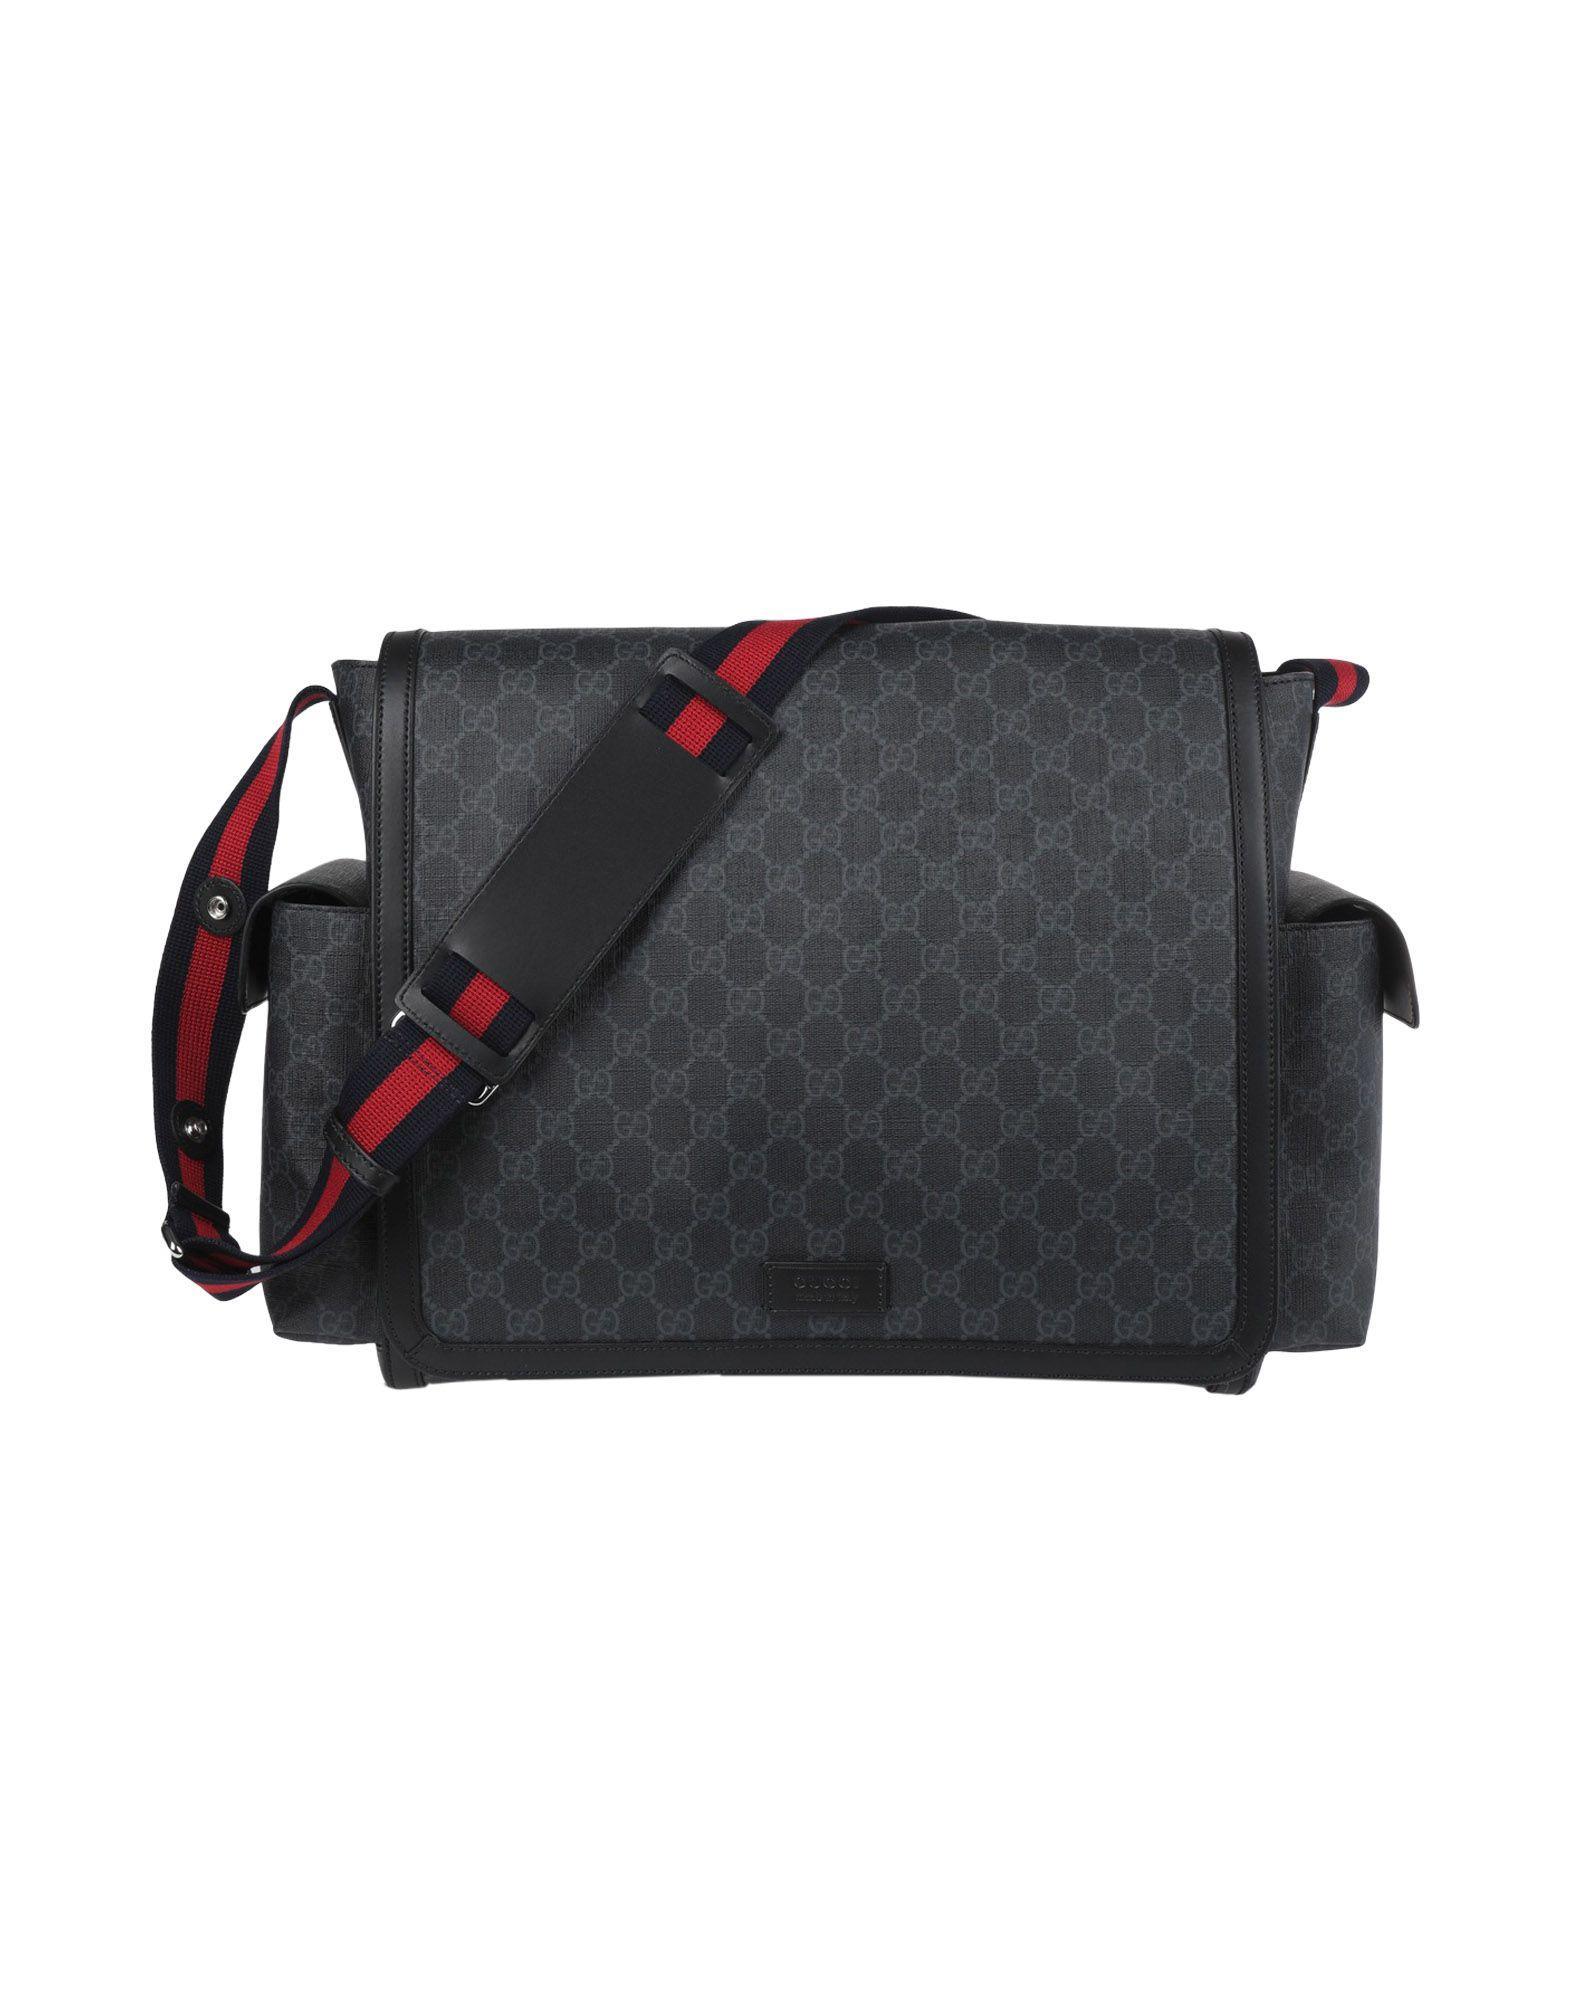 2189a5166232 Женские сумки Gucci купить в интернет магазине - официальный сайт ...